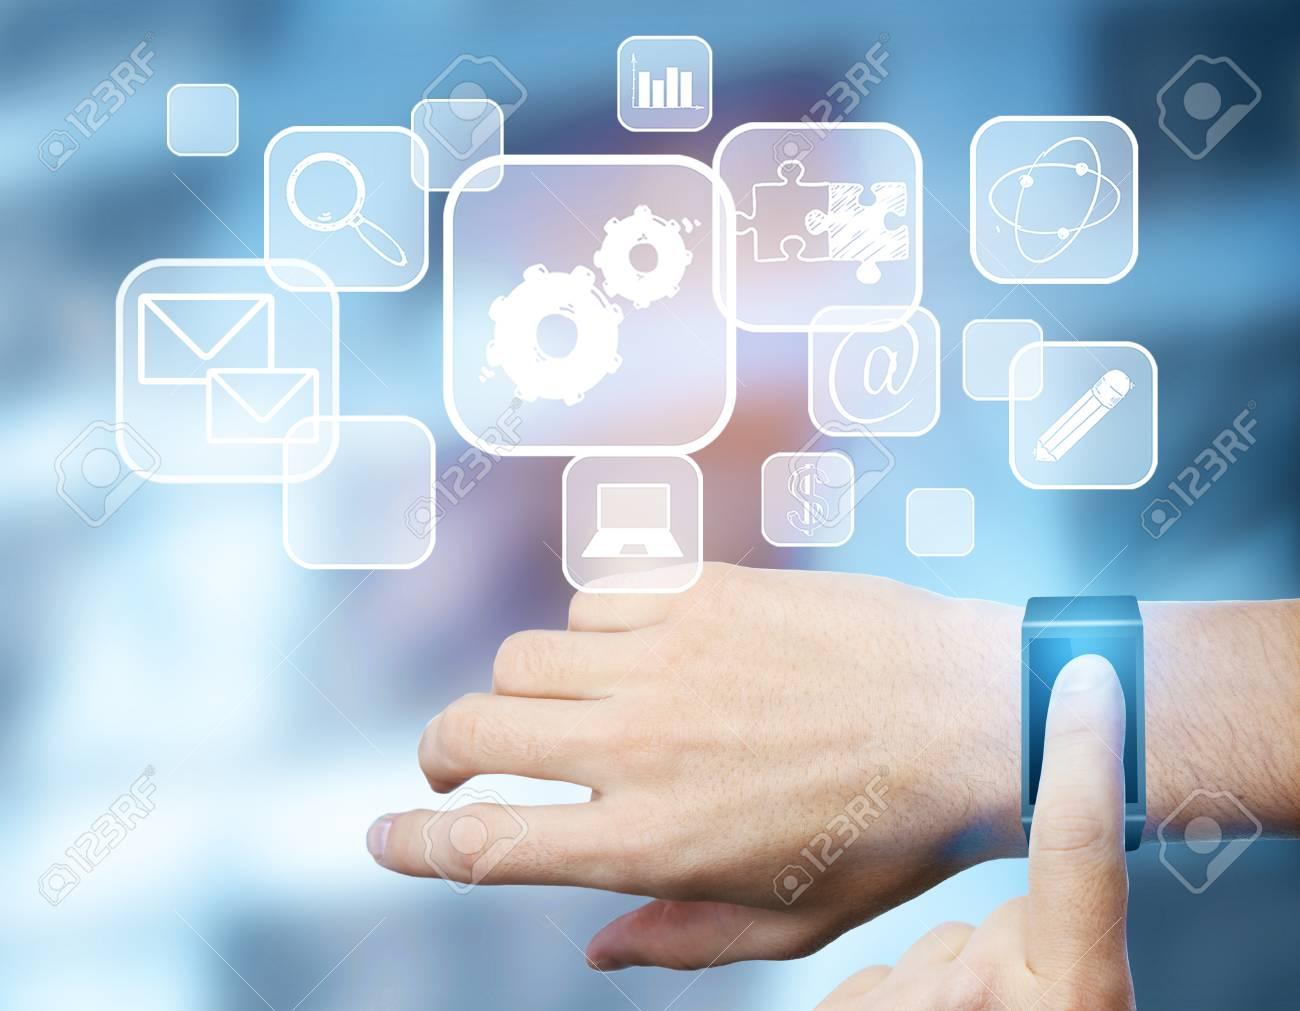 D'une Montre AbstraitsConcept 3d Mains Rendu Intelligente Hologramme De Médias D'homme Avec À L'aide D'innovation fg7b6Yy